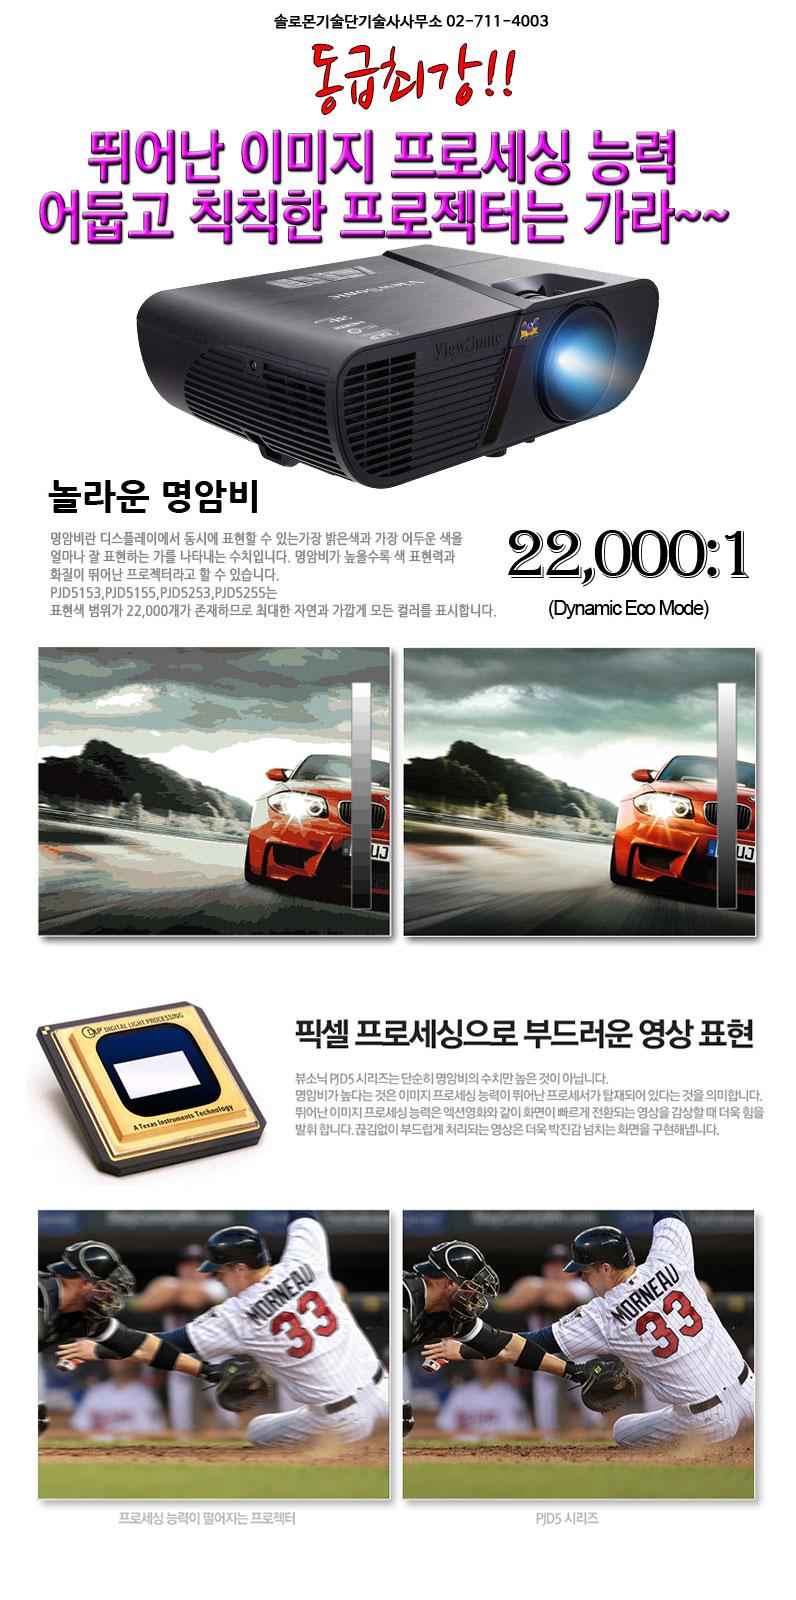 국민 프로젝터 뷰소닉 pjd5255 동급최강 명암비 15000:1